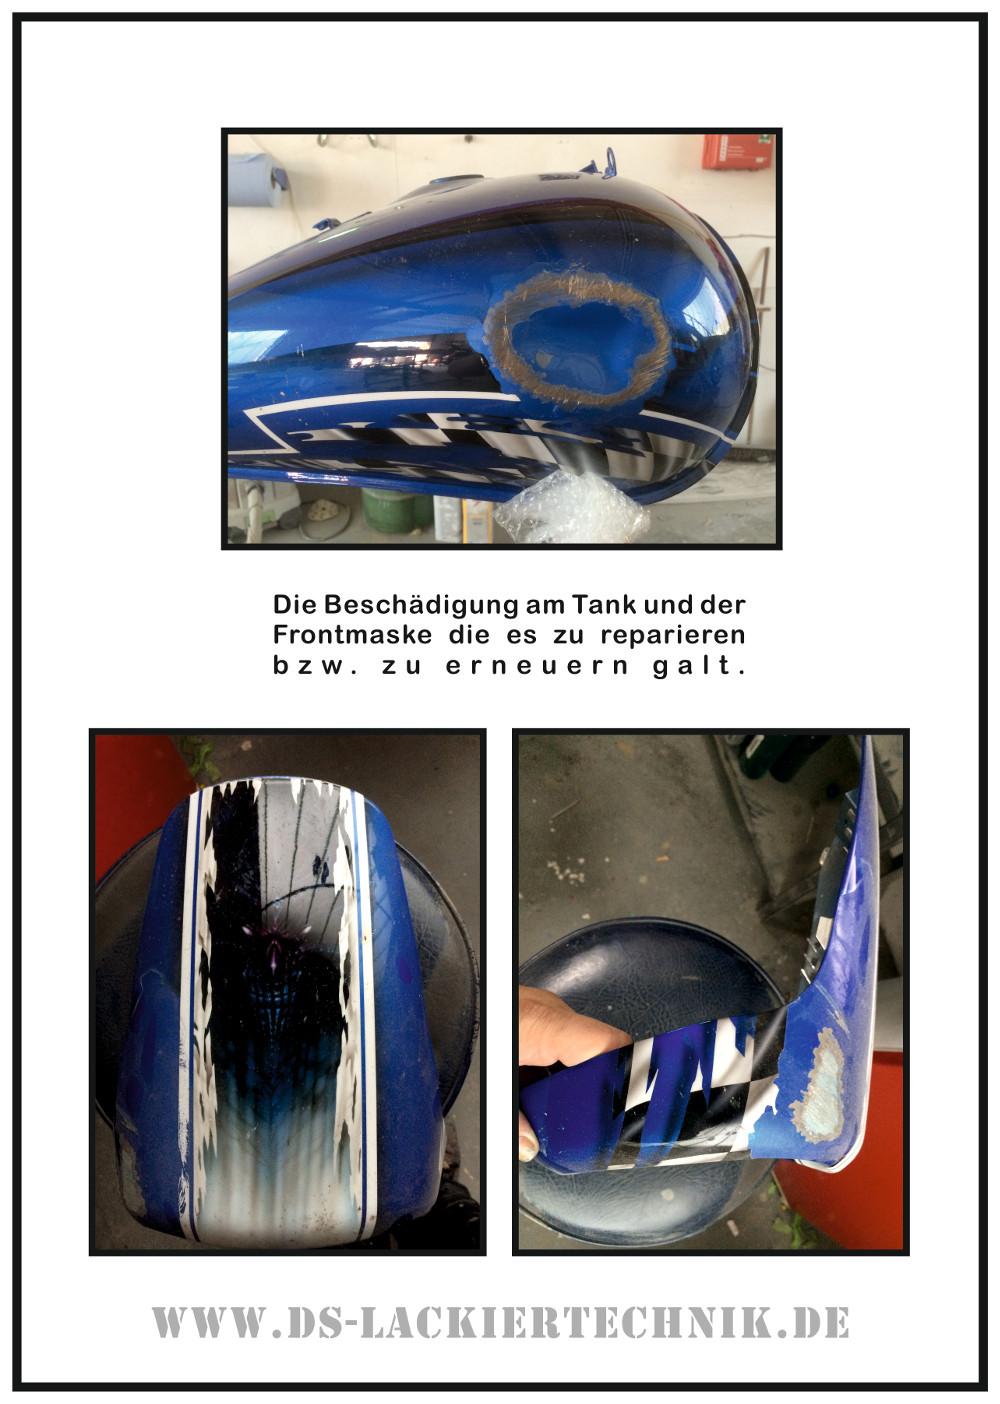 Motorrad Airbrush! Unfallschaden, Airbrush komplett erneuert 2 Motorrad Airbrush